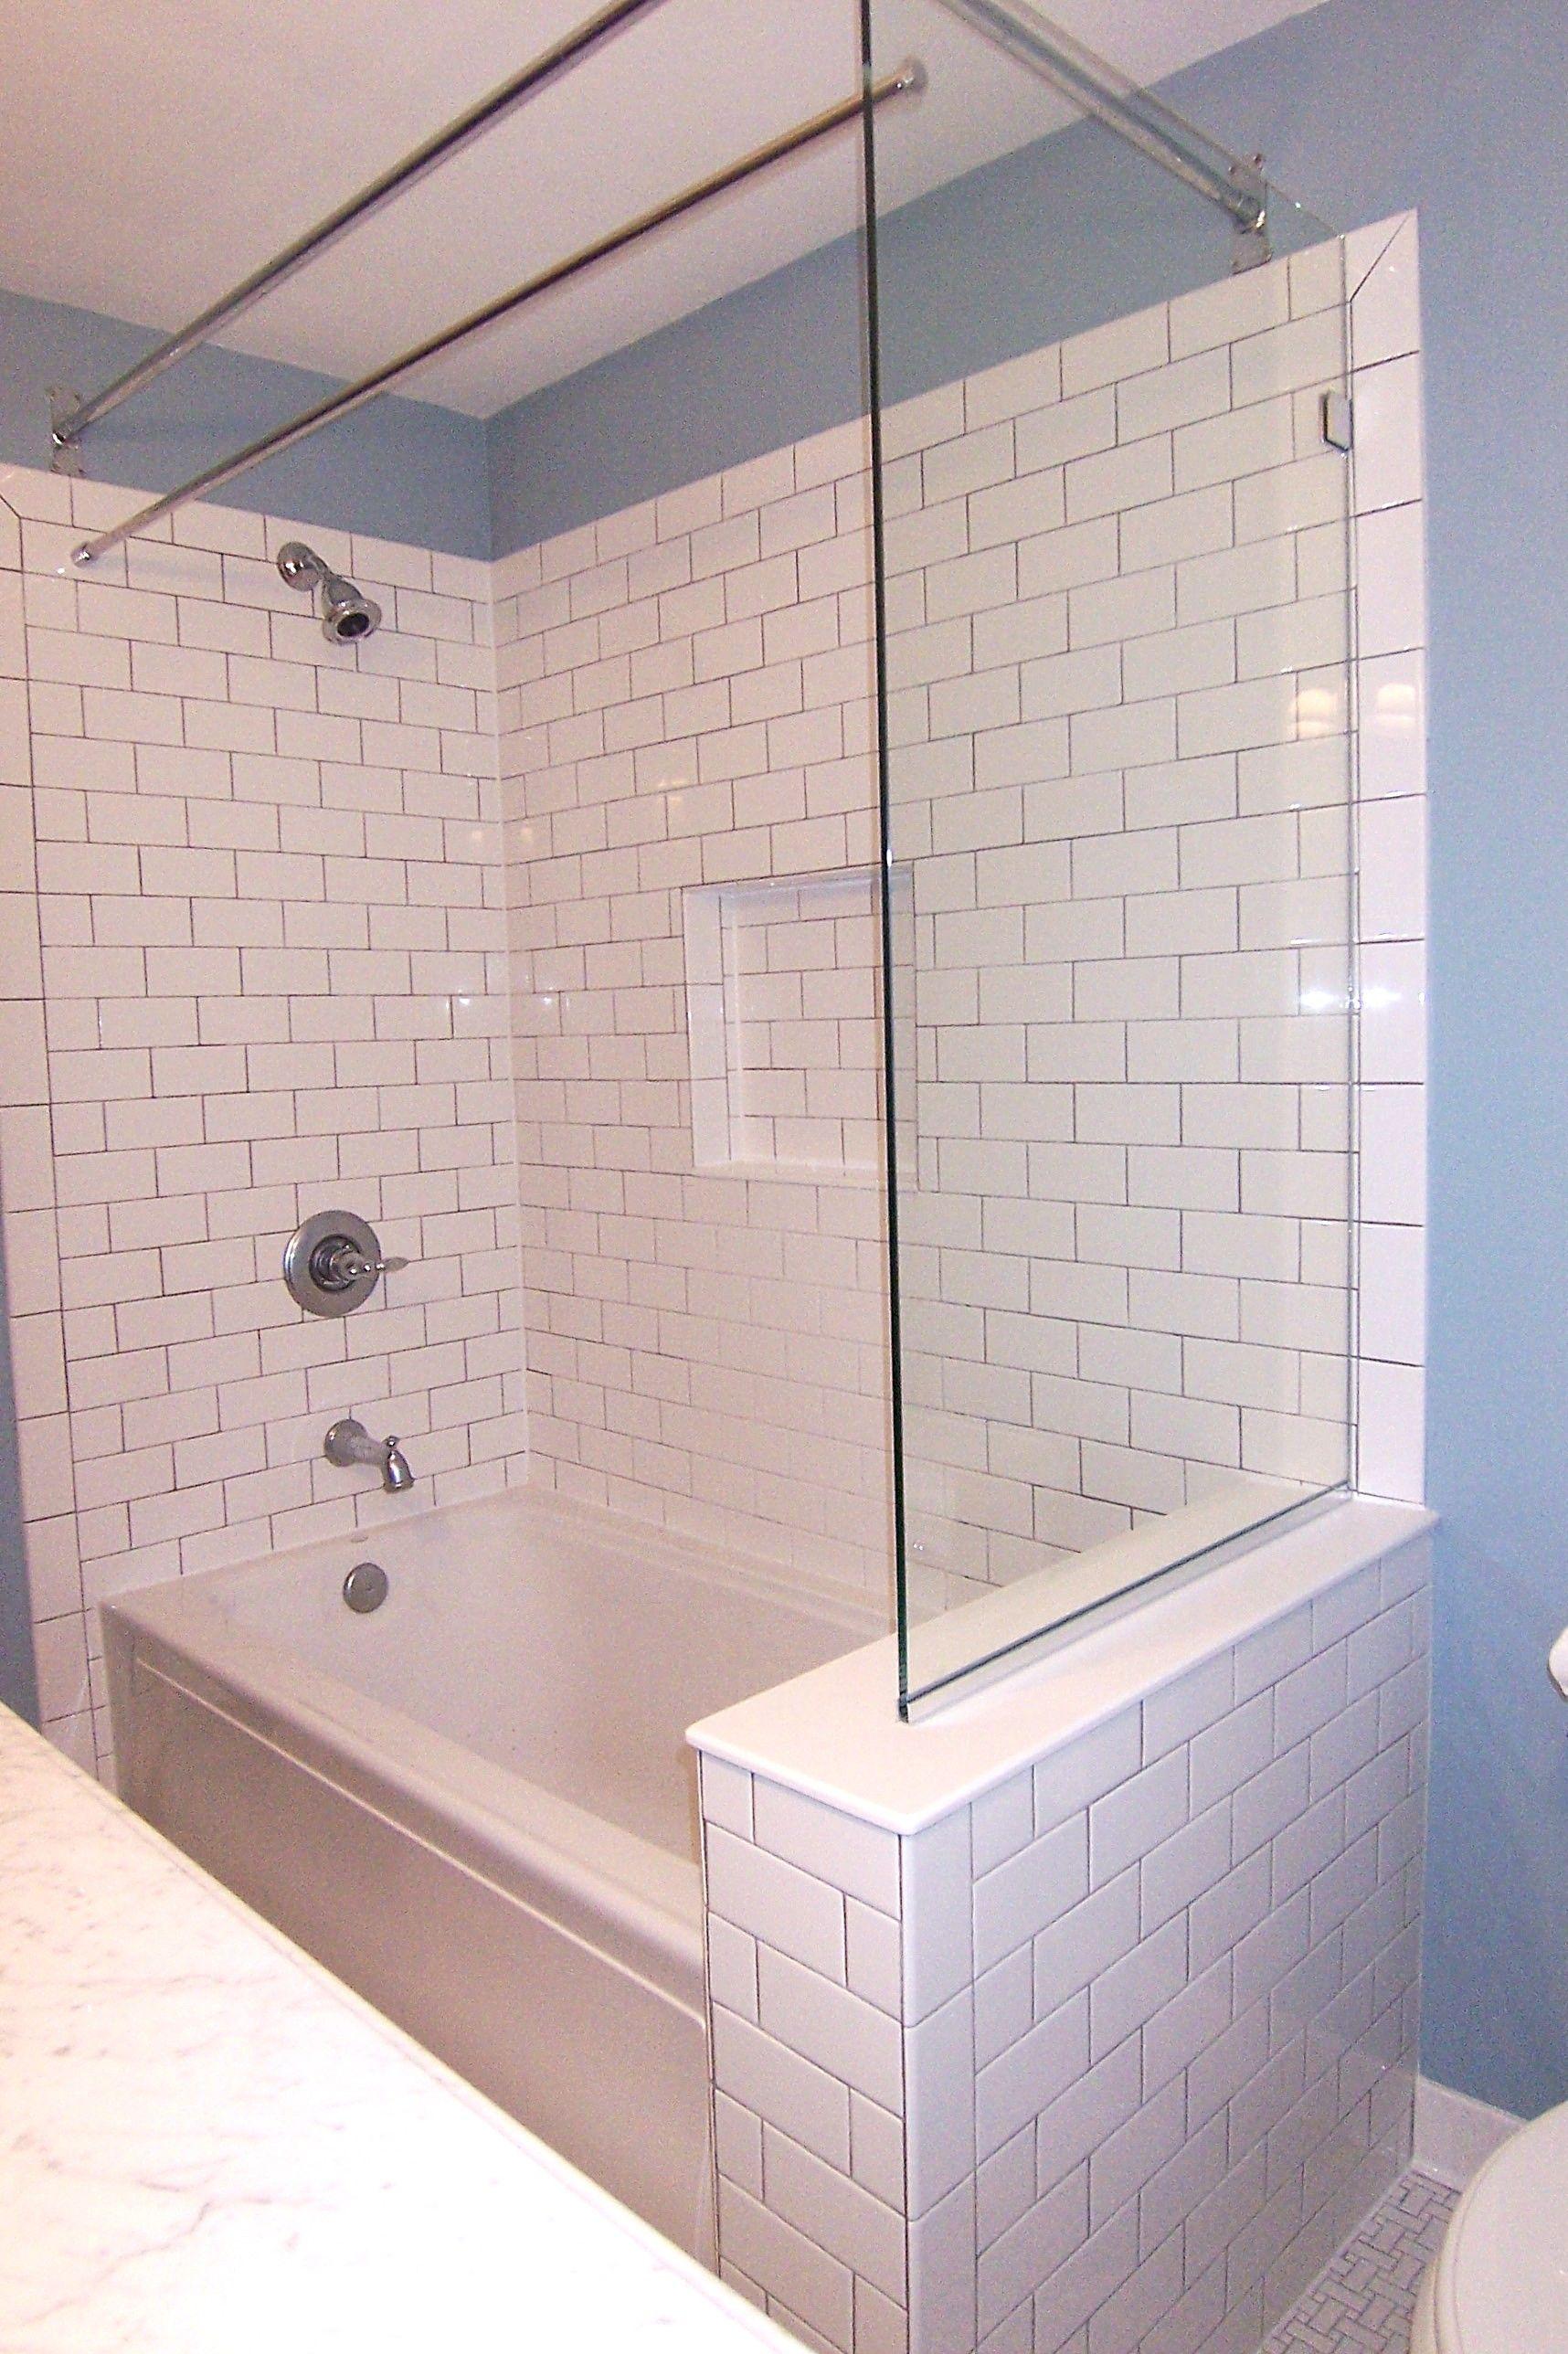 Spray Panel Shower Door King Bathroom Tub Shower Bathroom Shower Panels Bathtub Remodel